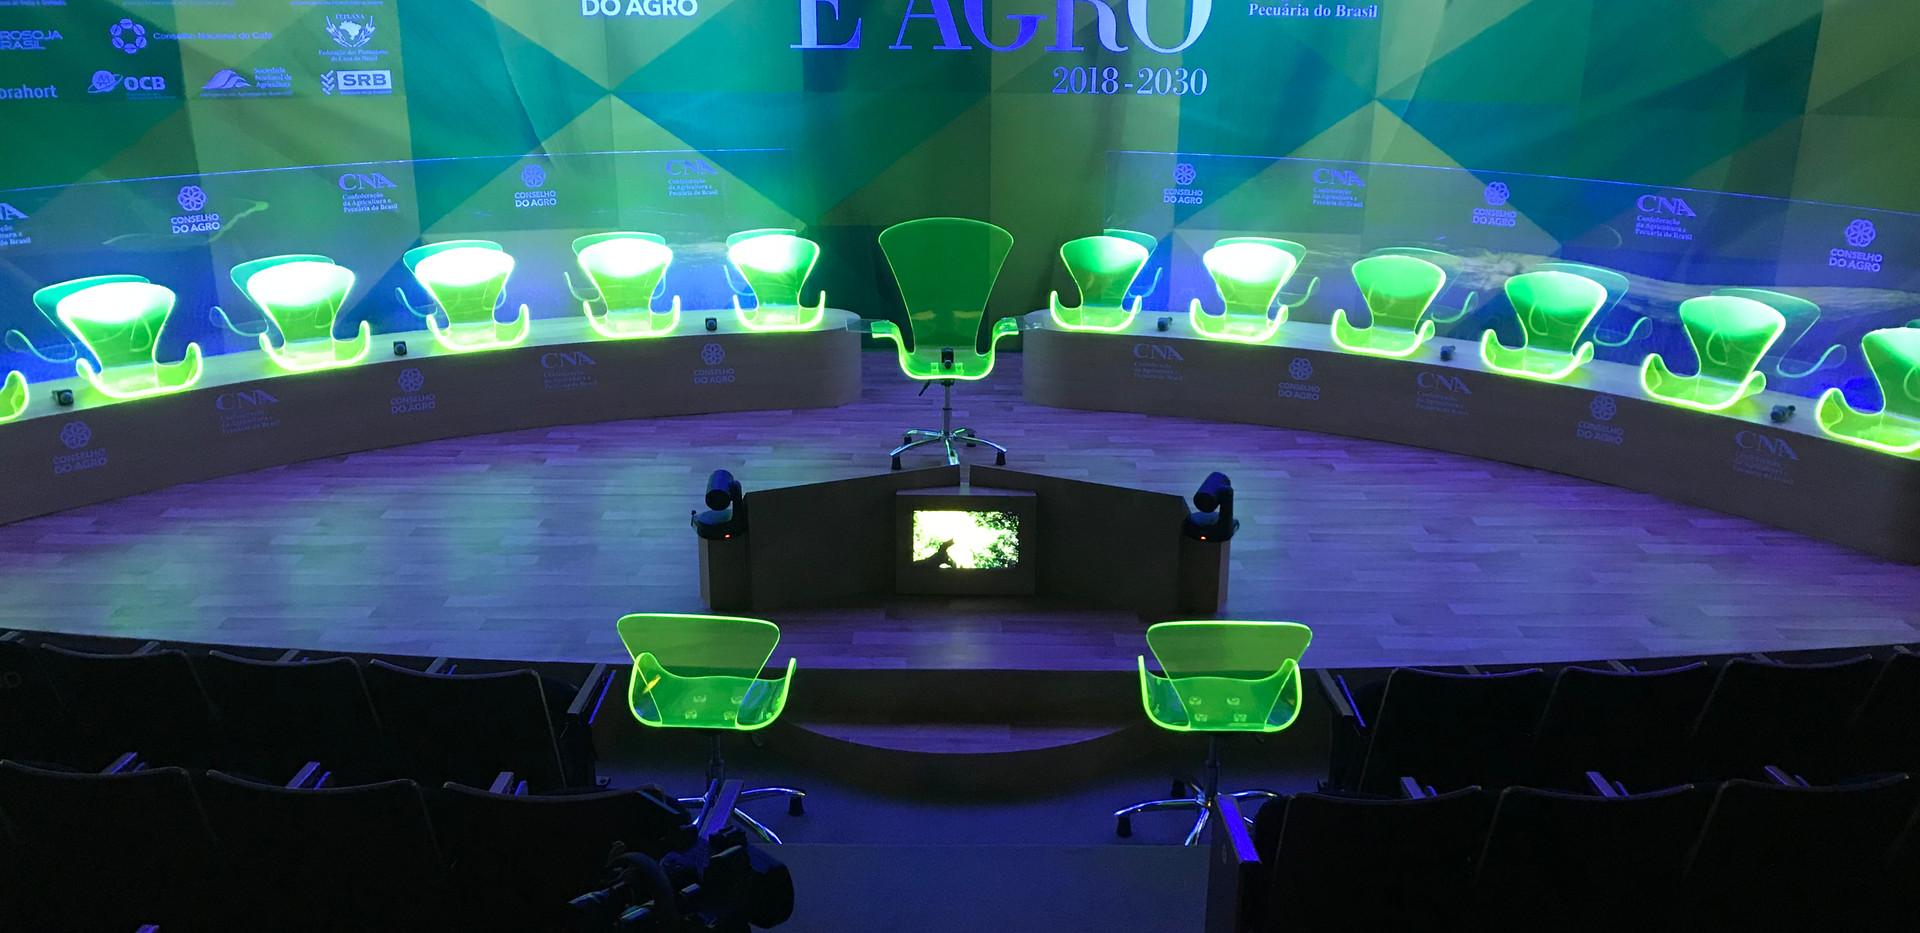 O_Futuro_e_Agro_CNA_Palco_Finalizado